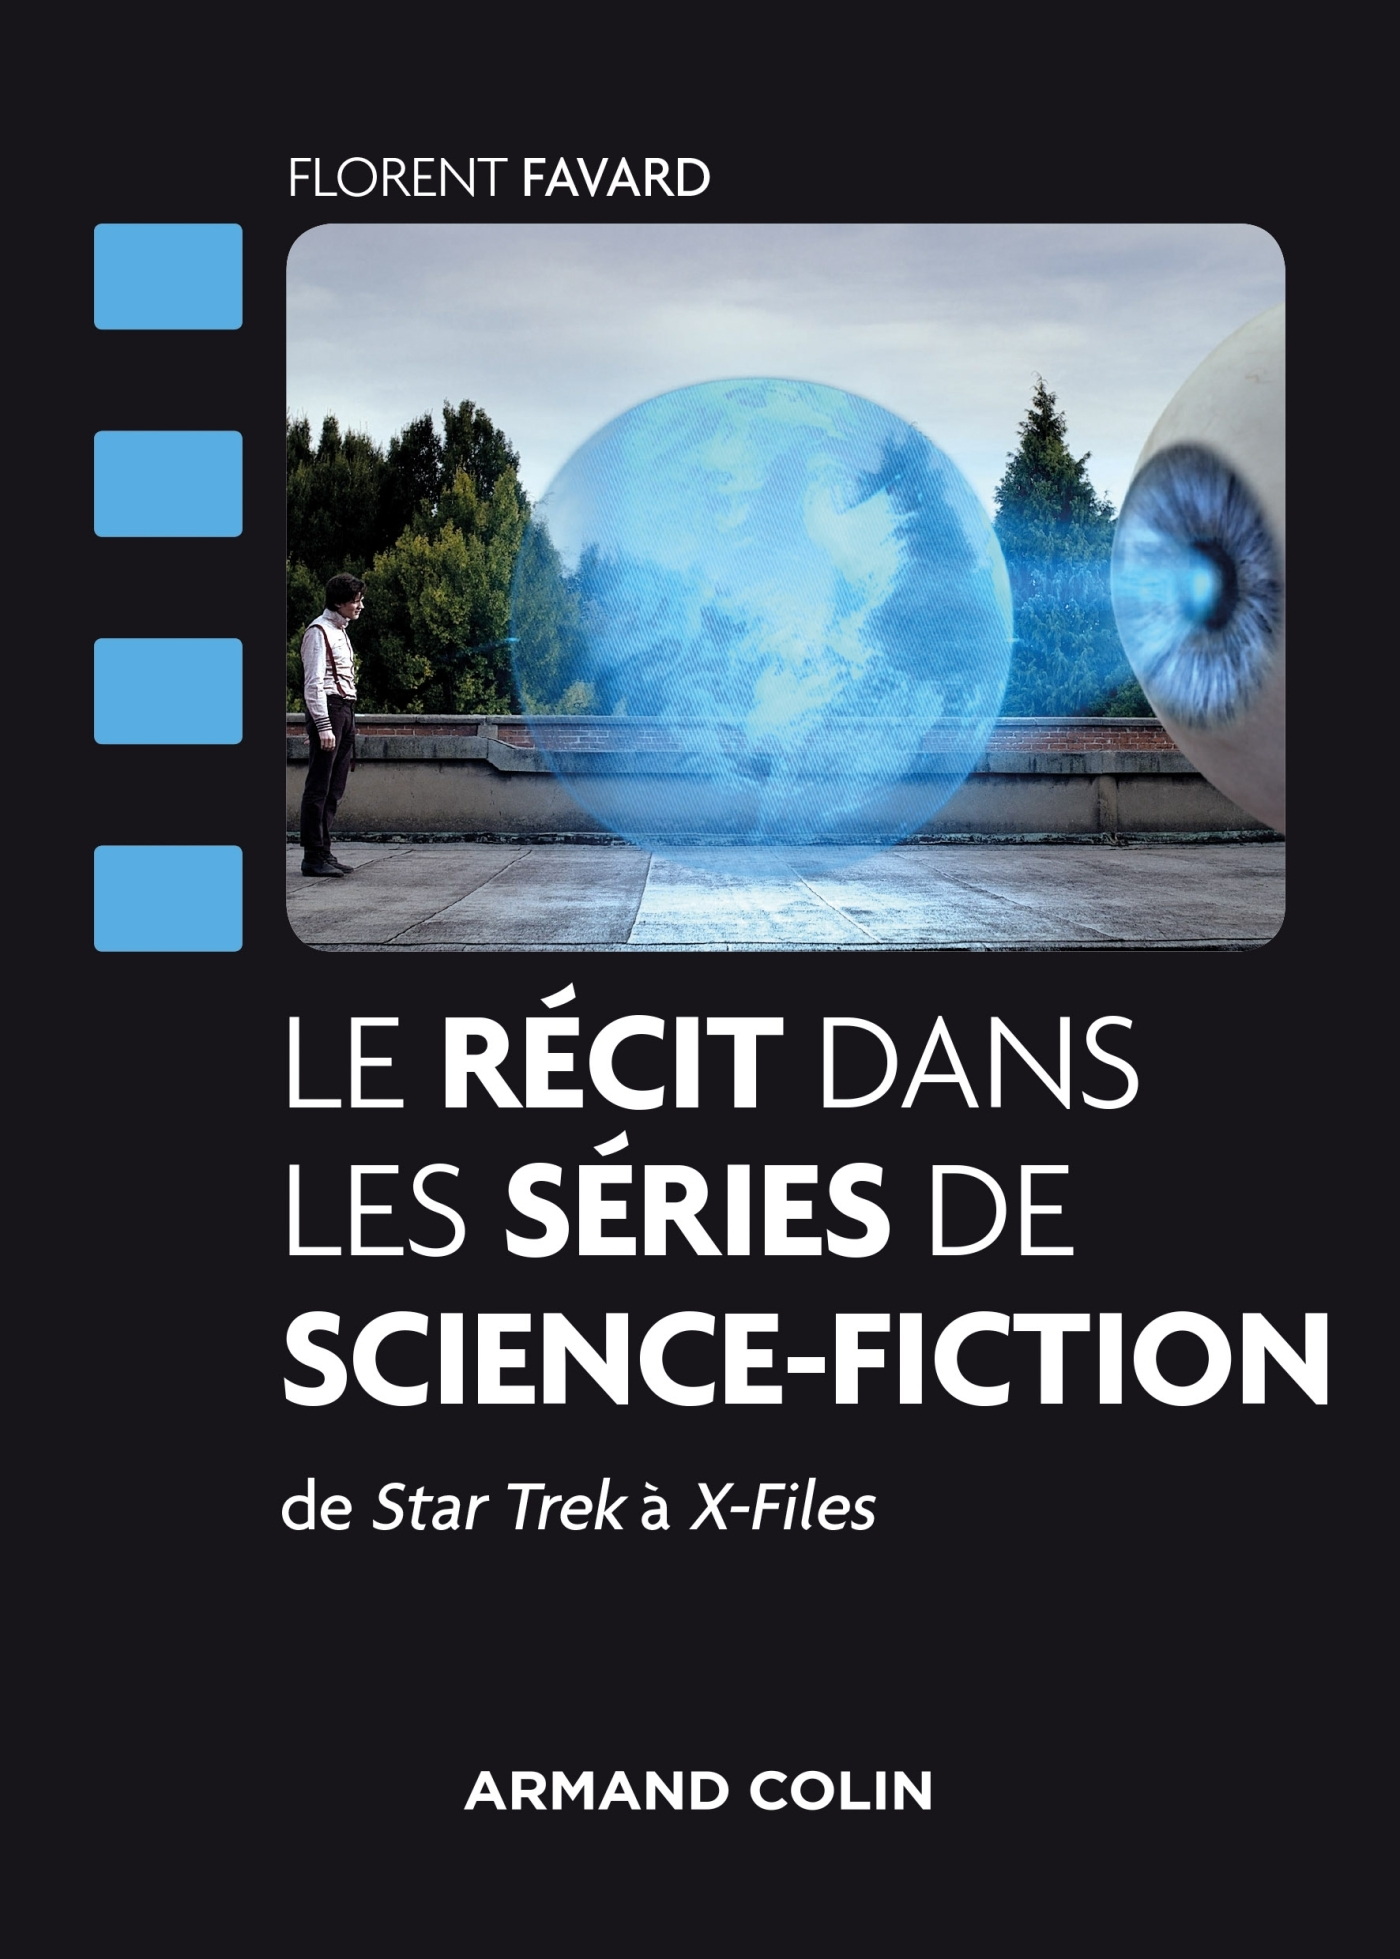 LE RECIT DANS LES SERIES DE SCIENCE-FICTION - DE STAR TREK A X-FILES